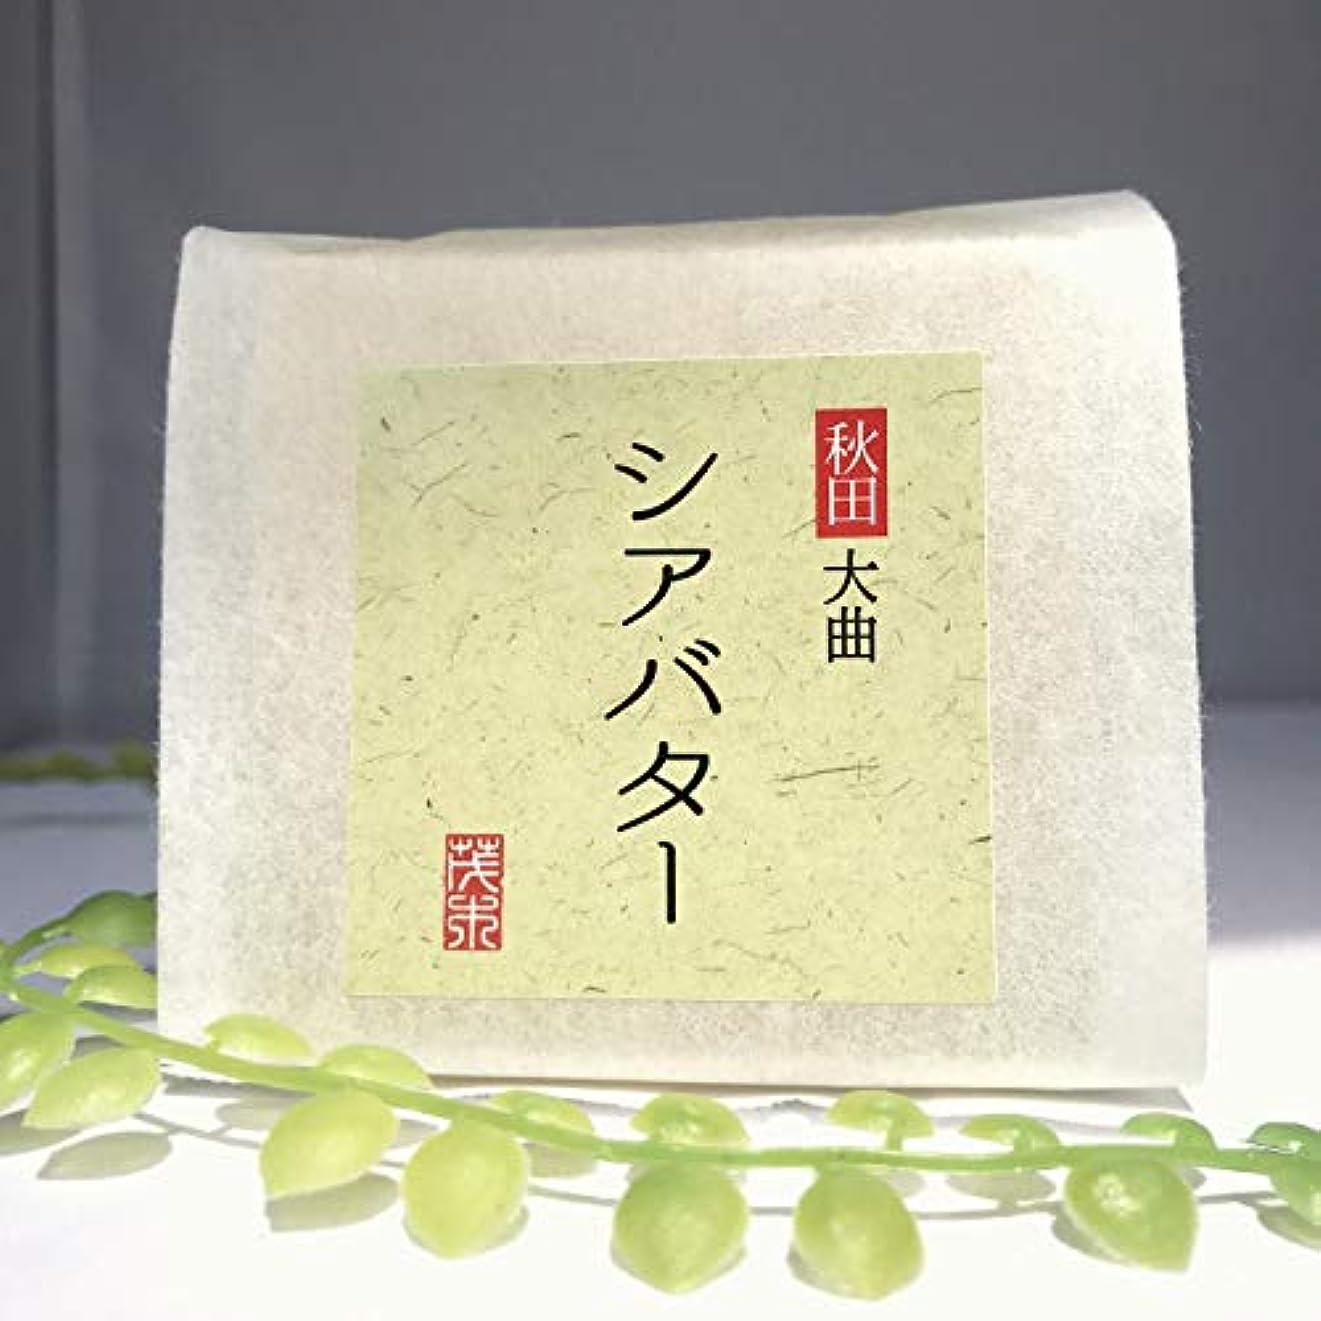 ワックス適応的満足させる無添加石鹸 シアバター石鹸 100g